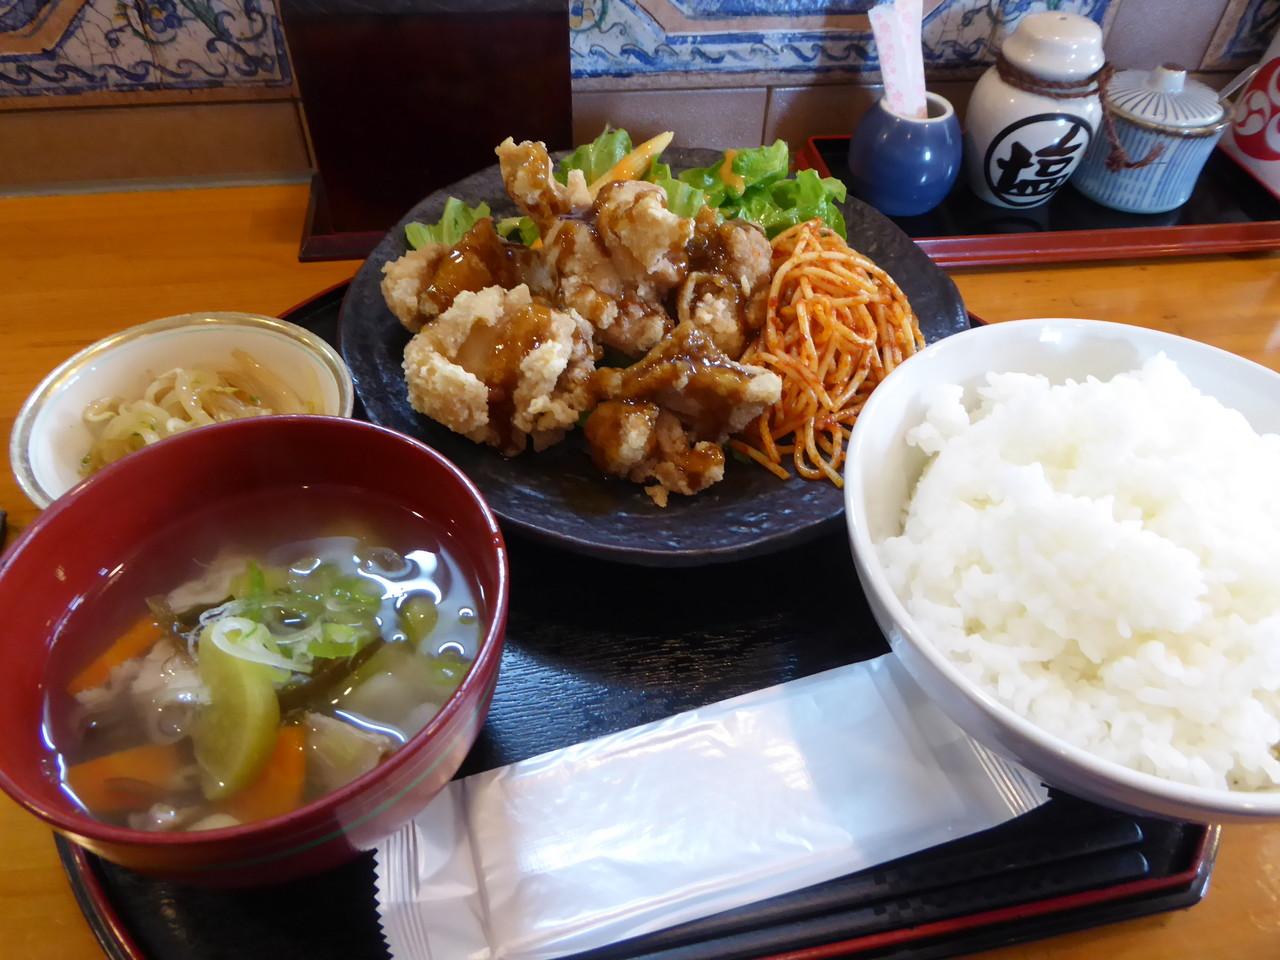 大盛り 広島 体の活力源!ガッツリモリモリ食べられる広島の定食屋7選